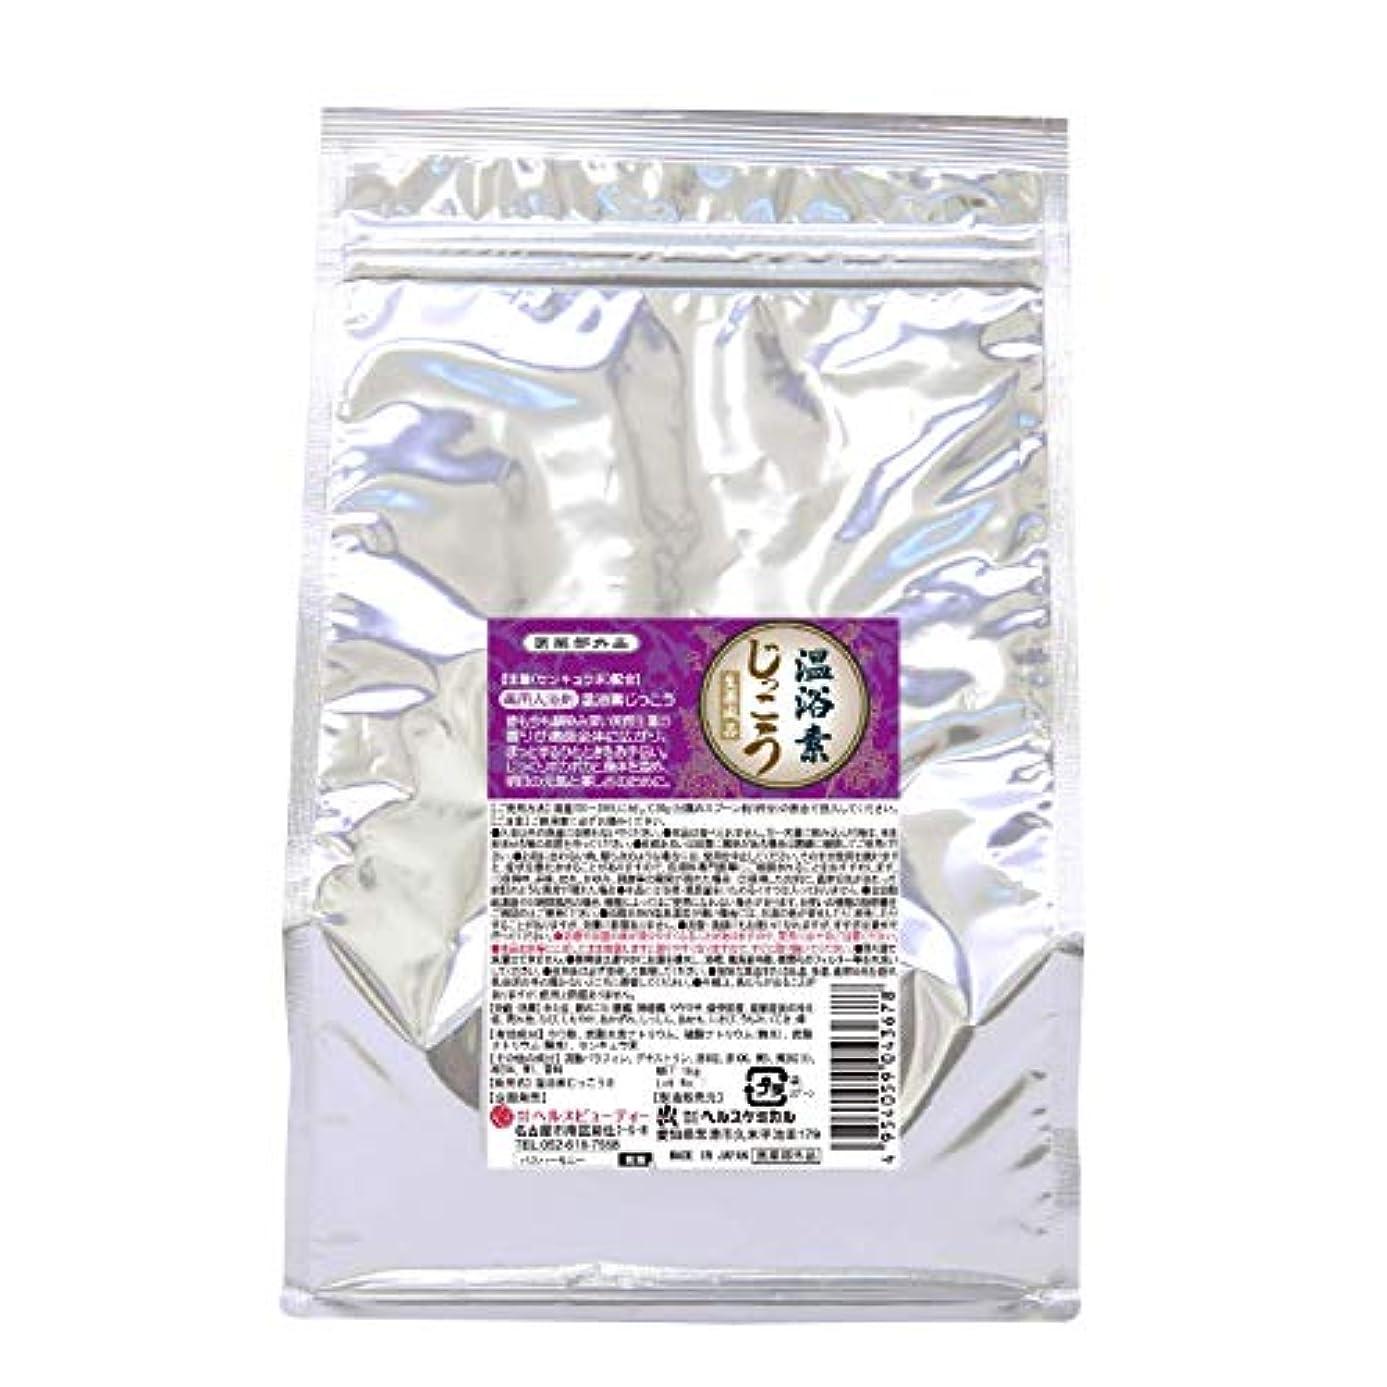 鳩ゴミバルセロナ入浴剤 湯匠仕込 温浴素じっこう 生薬 薬湯 1kg 50回分 お徳用 医薬部外品